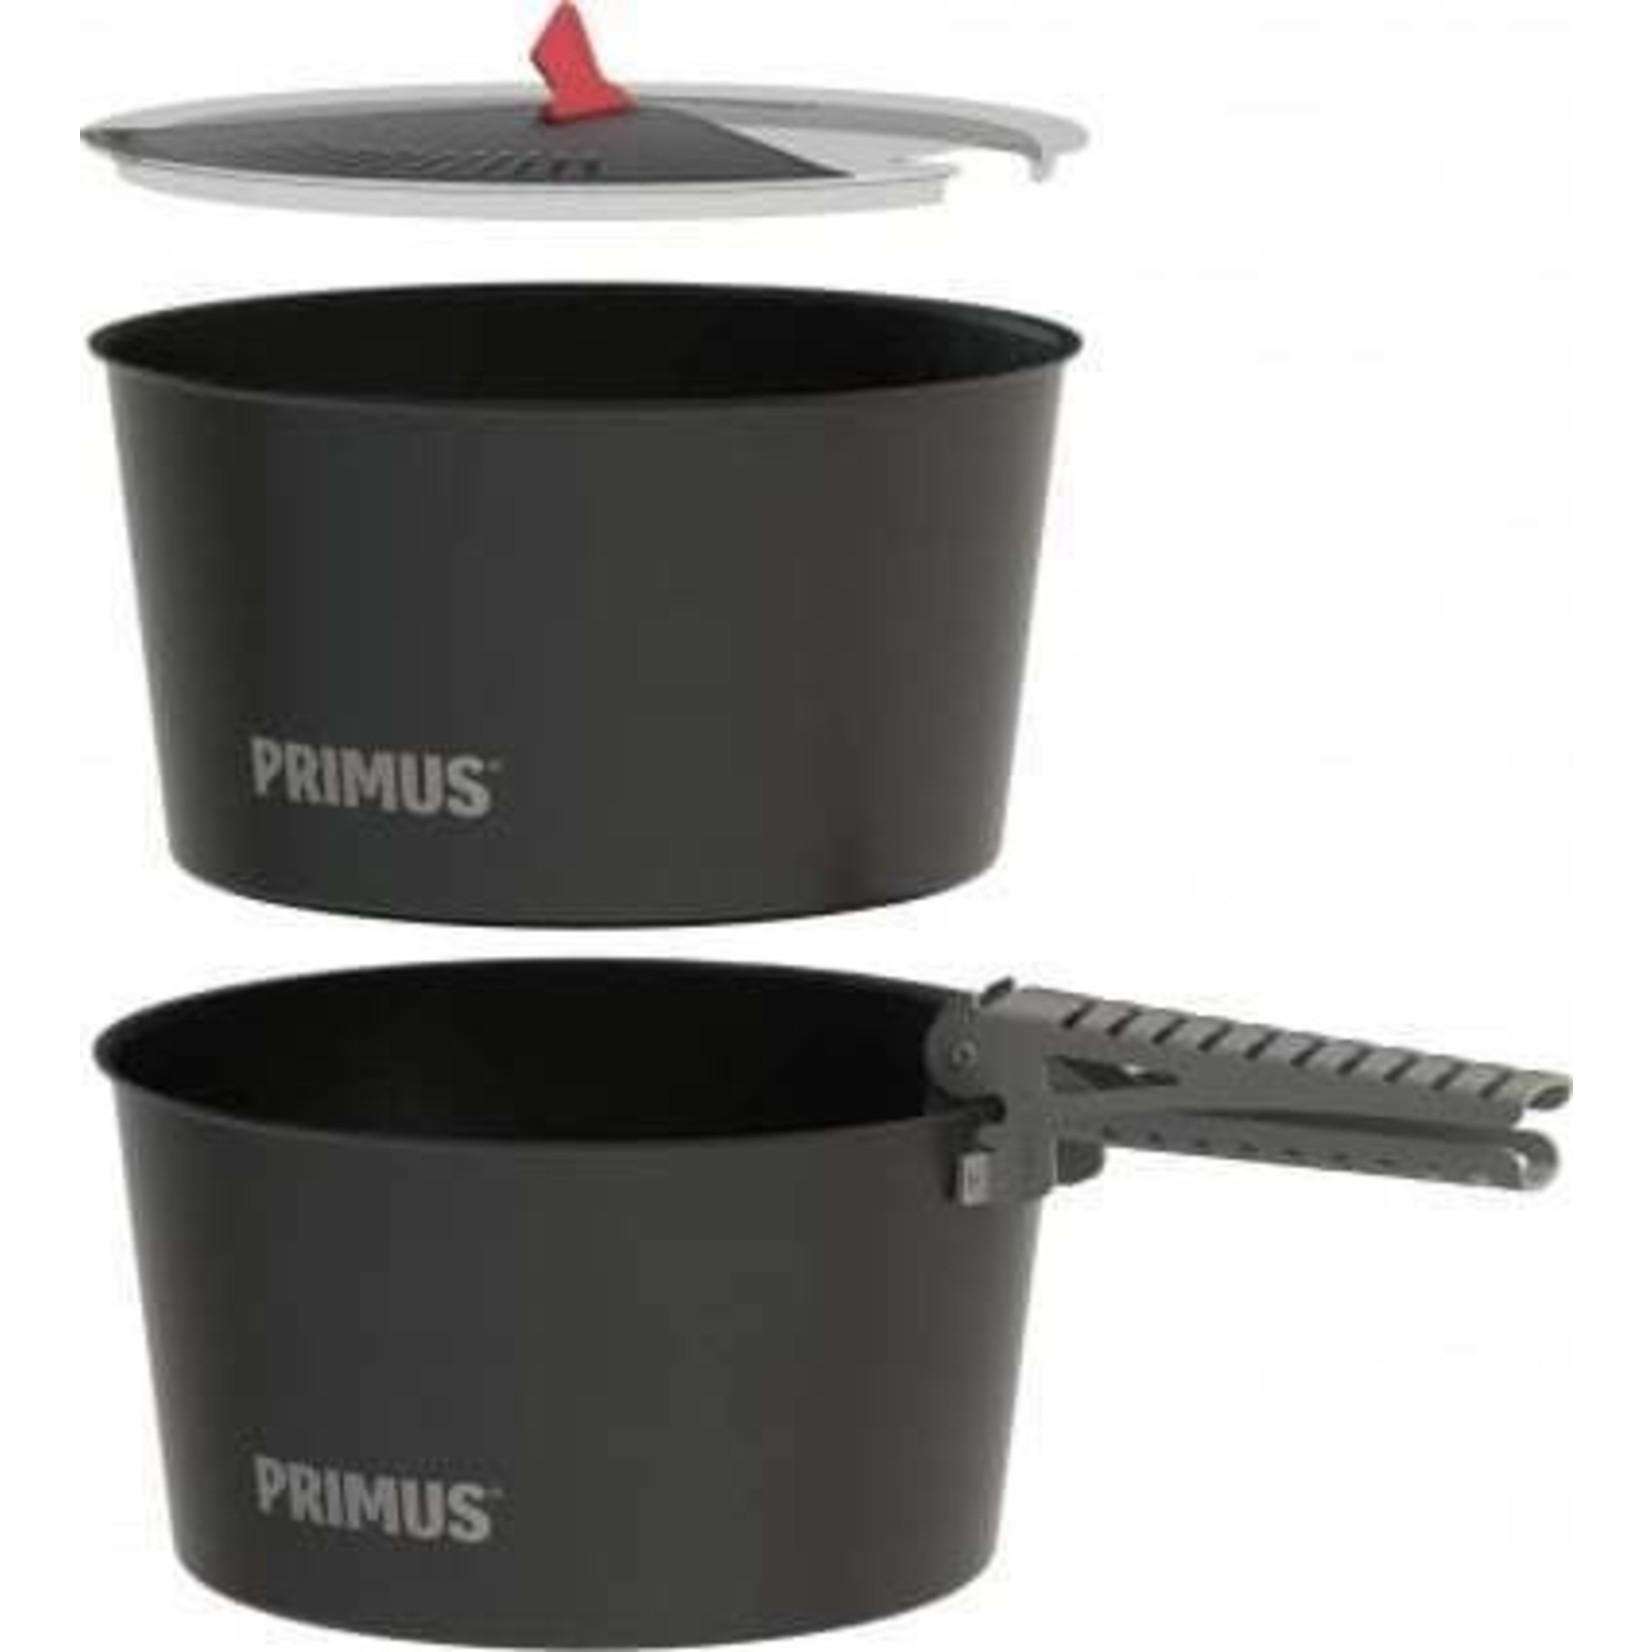 Primus Primus LiTech pot set 2,3 liter 2-delig, compact en licht